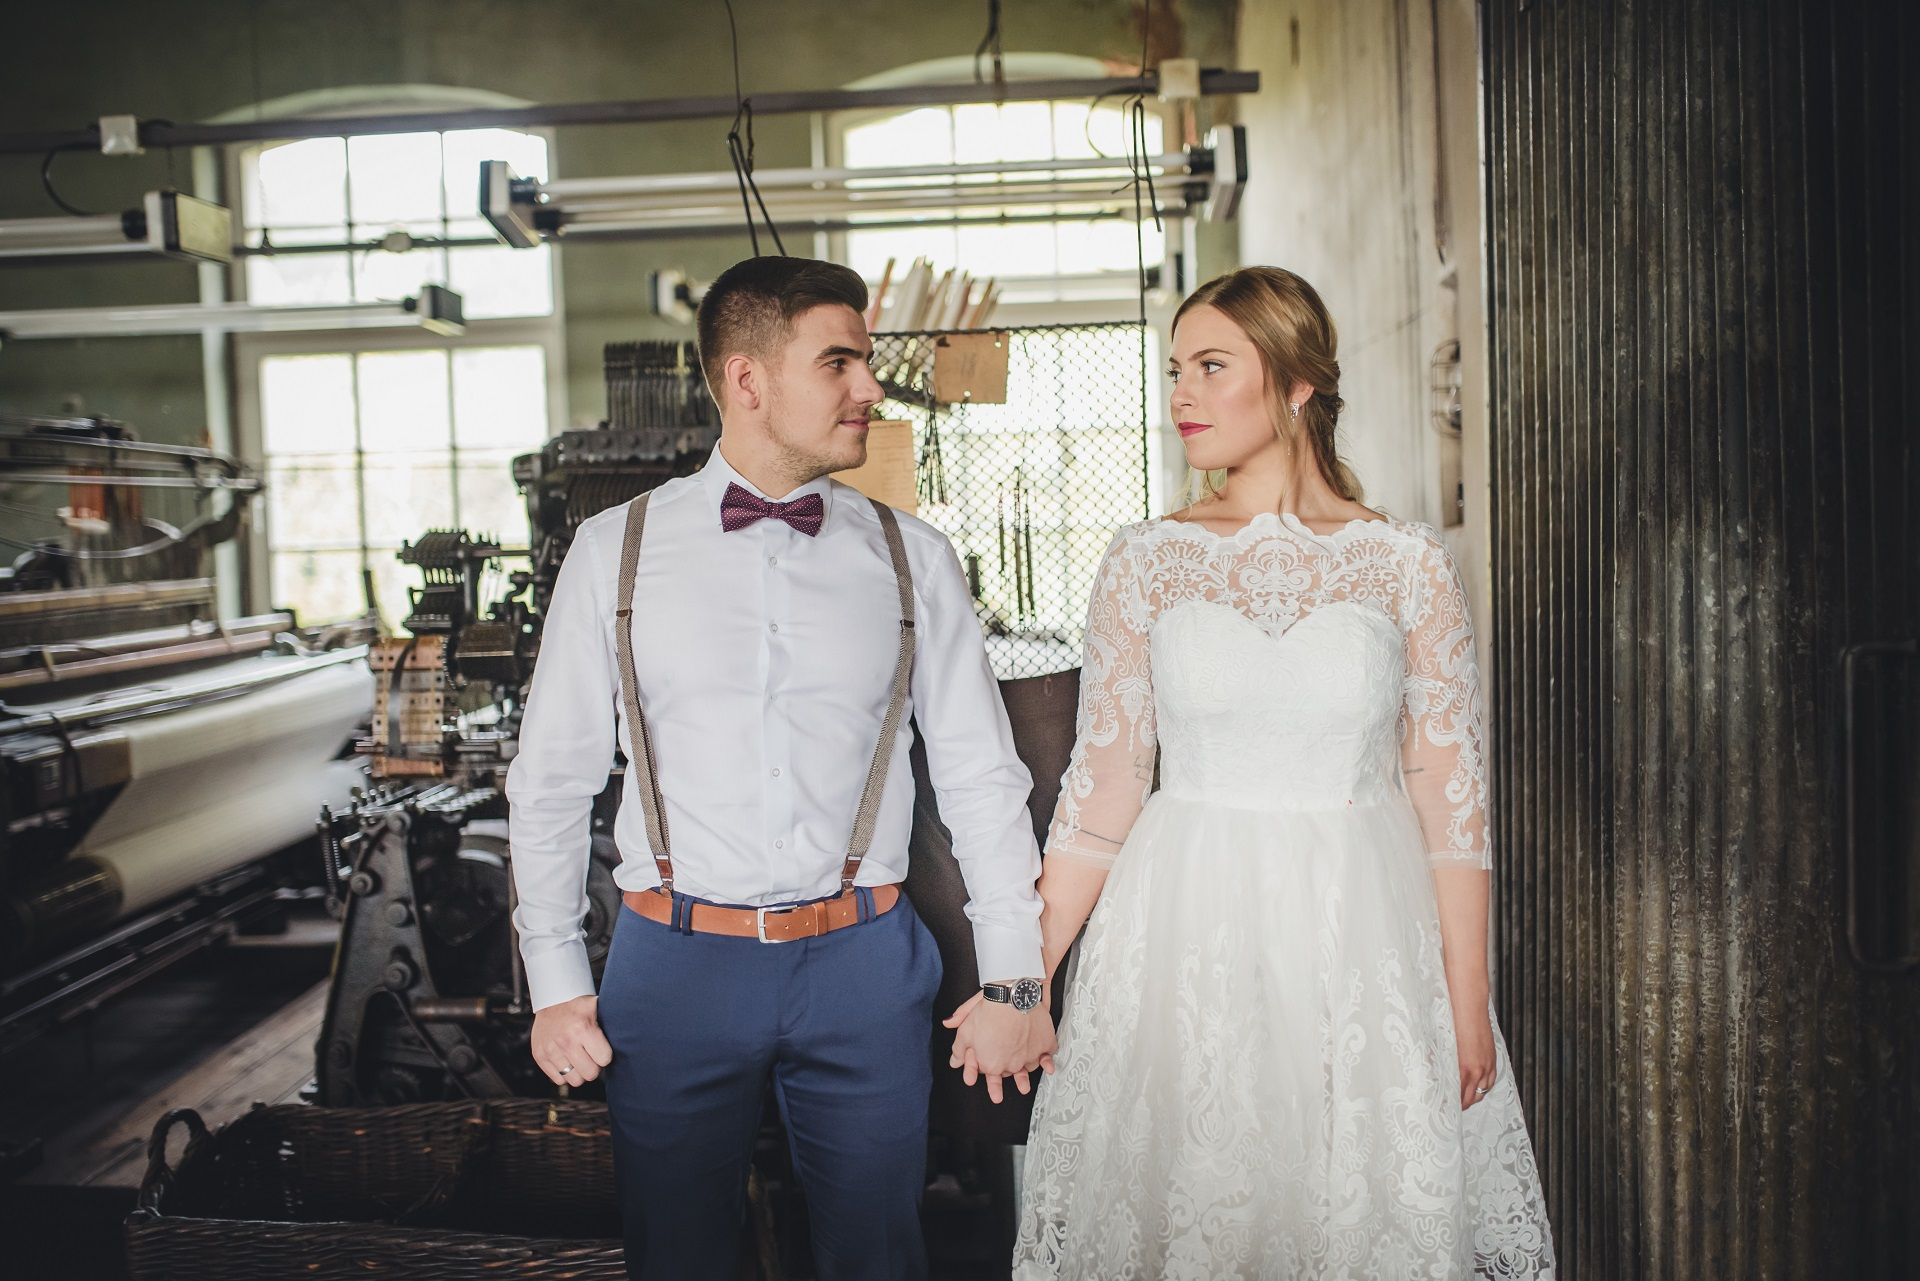 Modern und chic als Braut und Bräutigam